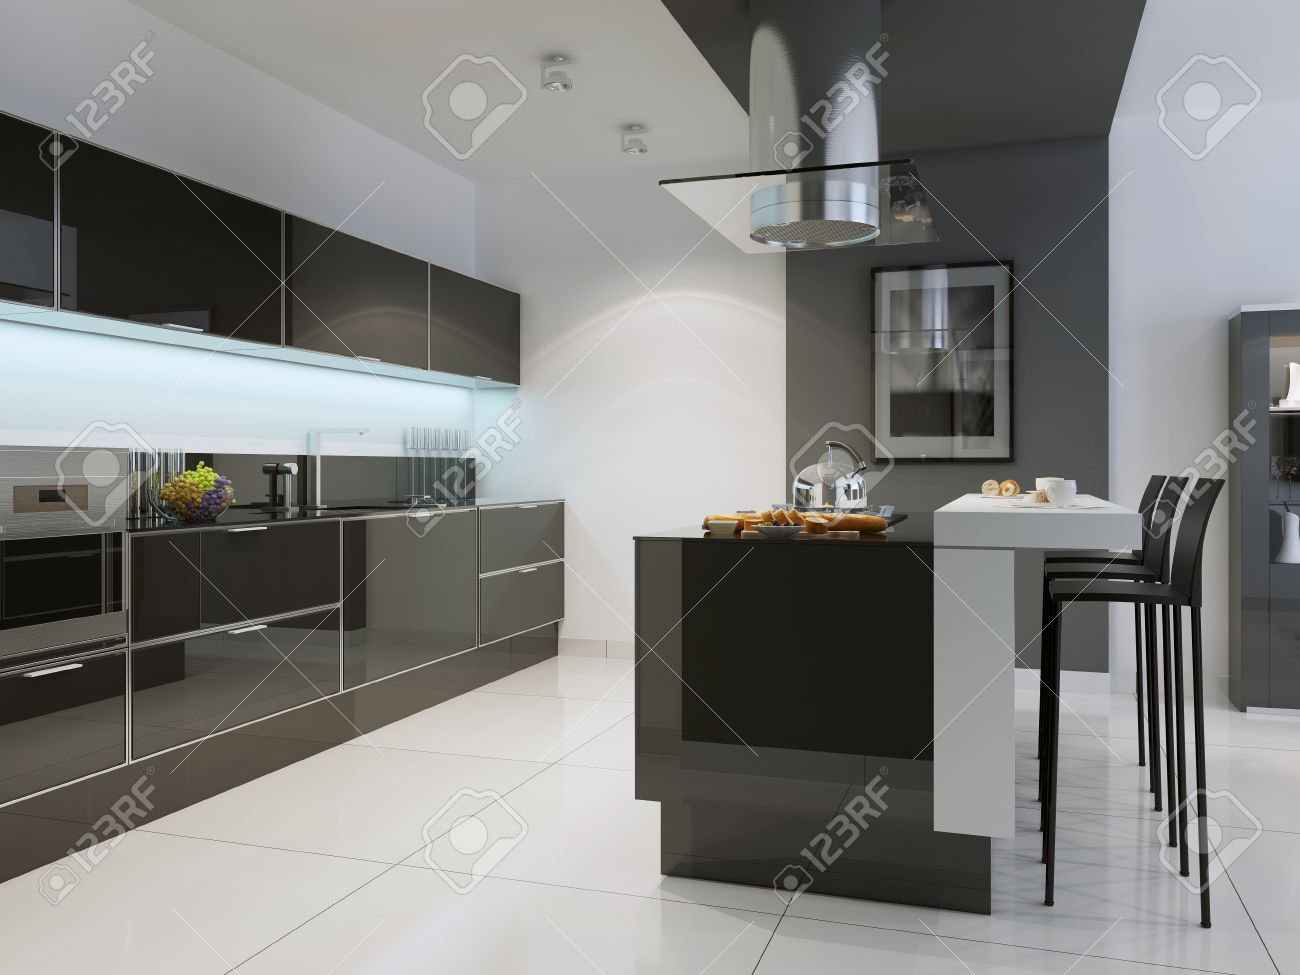 Awesome Cucine Stile Moderno Con Isola Photos - acrylicgiftware.us ...